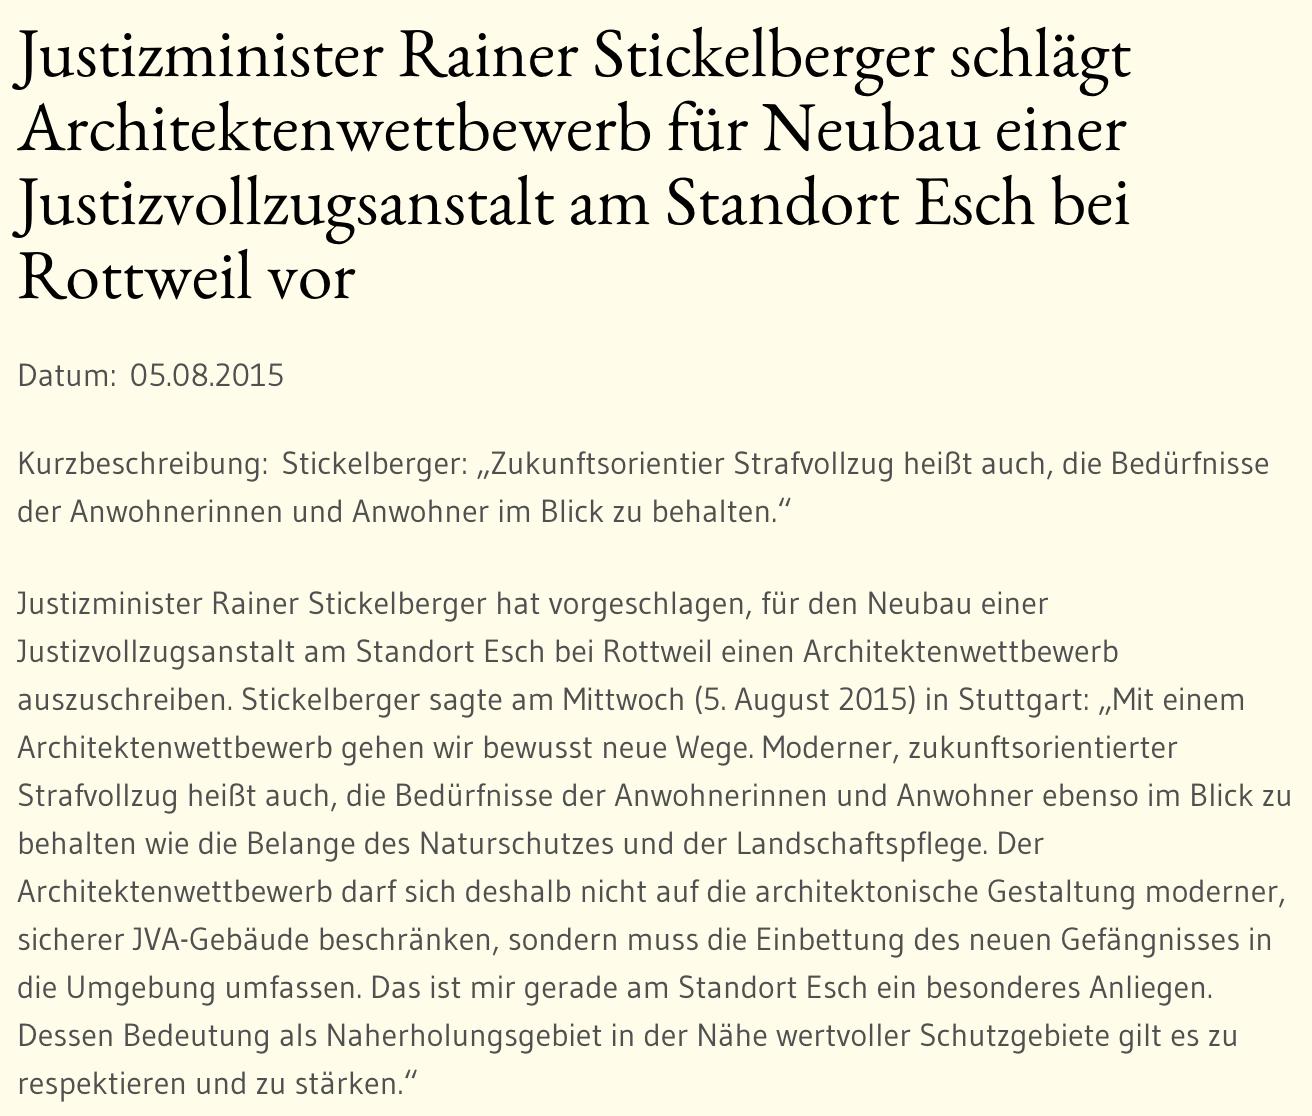 Pressemiteilung von Justizminister Rainer Stickelberger: Vorschlag eines Architektenwettbewerbs für JVA Neubau